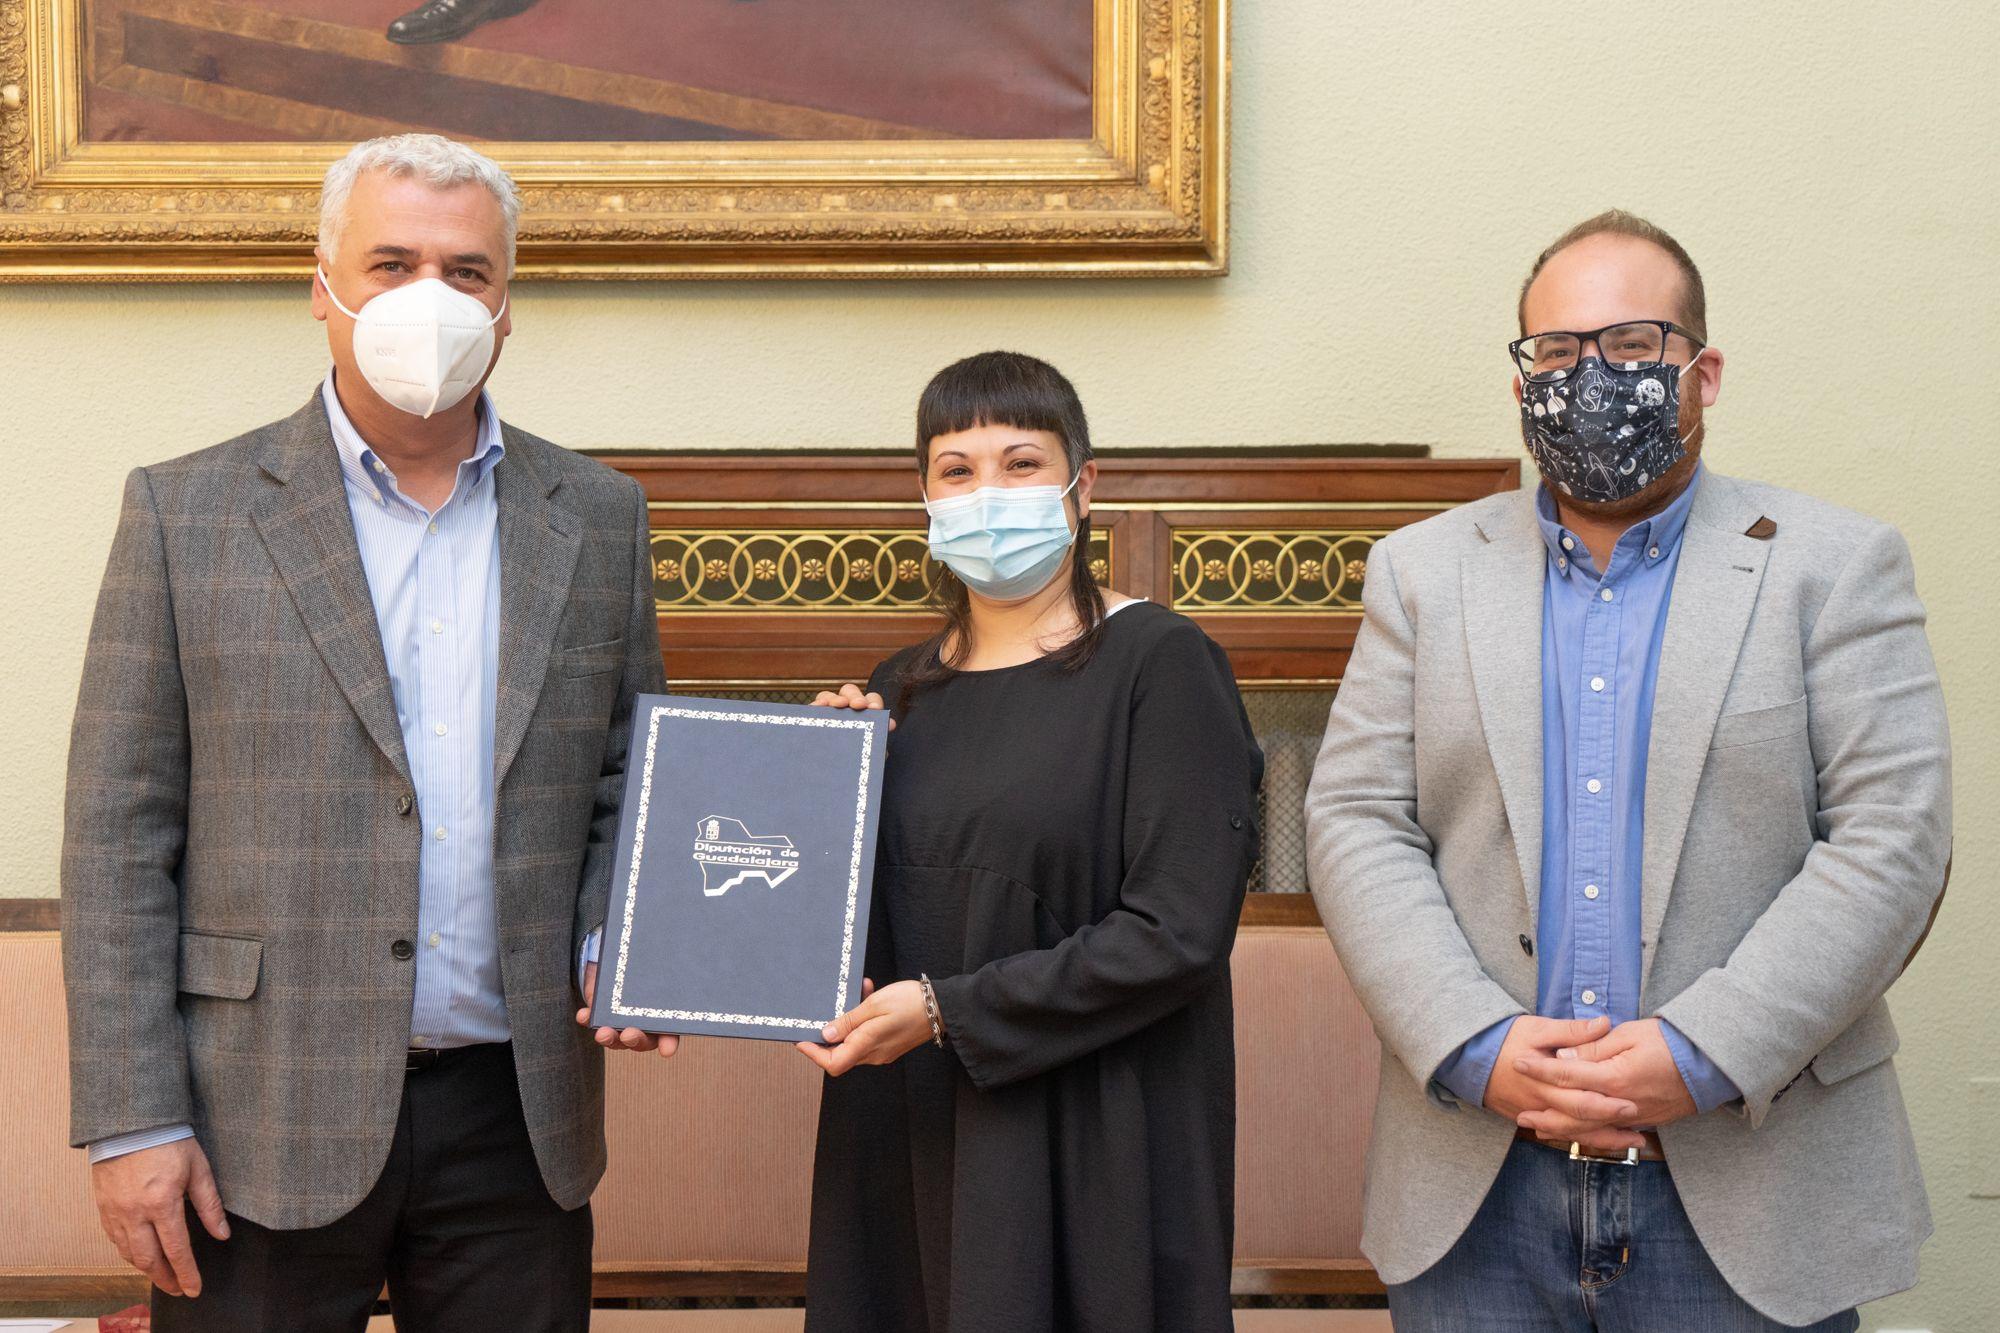 Abierta la convocatoria de ayudas de la Diputación de Guadalajara para la recuperación de las Botargas